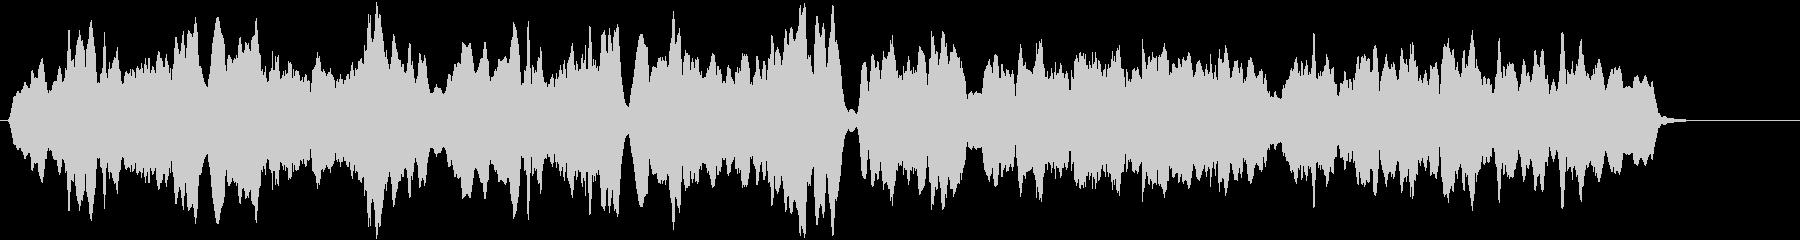 懐かしさと哀愁が重なる木管二重奏の未再生の波形